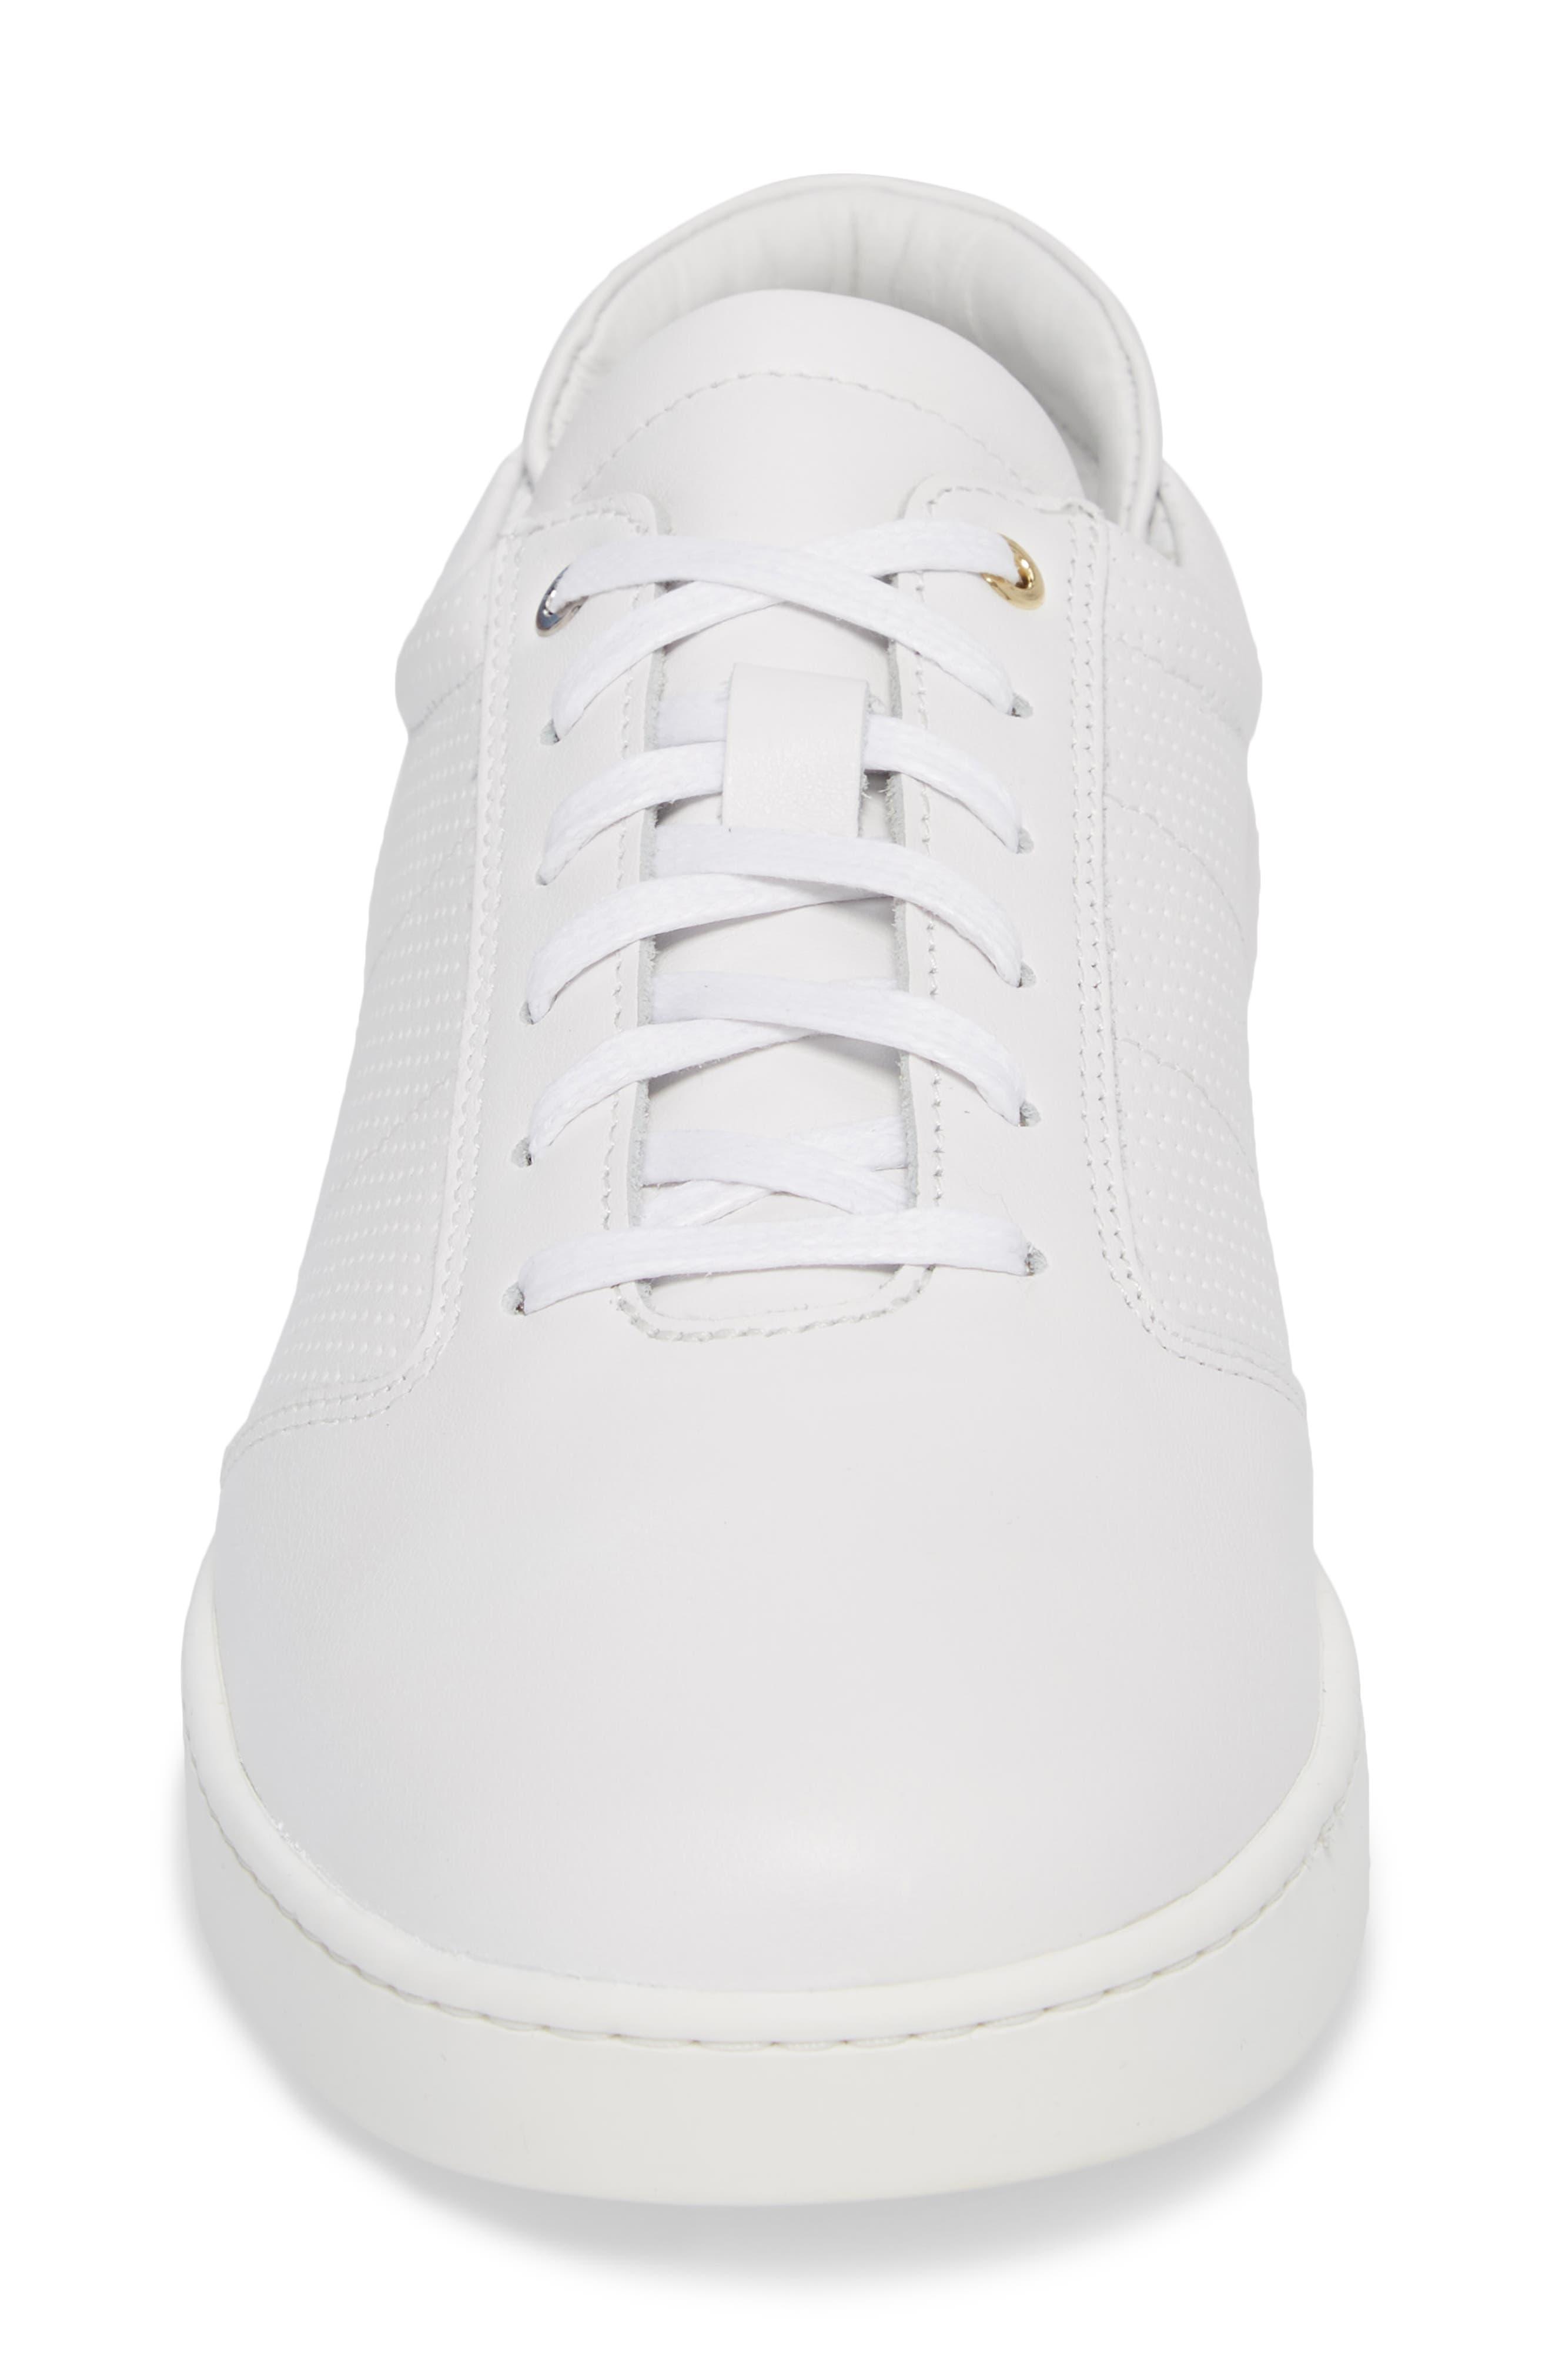 Lennon Sneaker,                             Alternate thumbnail 4, color,                             Multi Perforated White